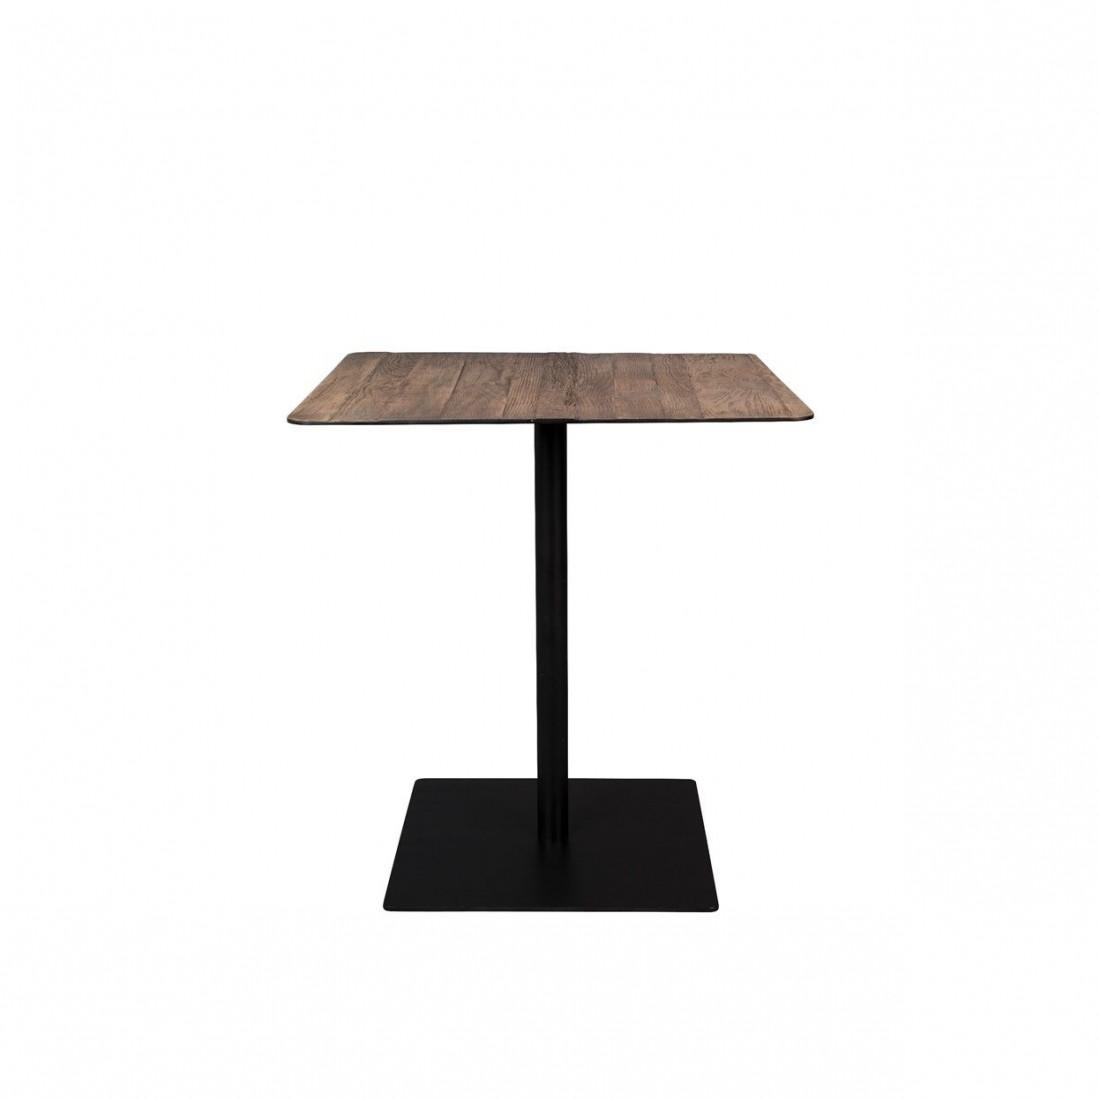 Table de bistro Braza Square Marron - Dutchbone